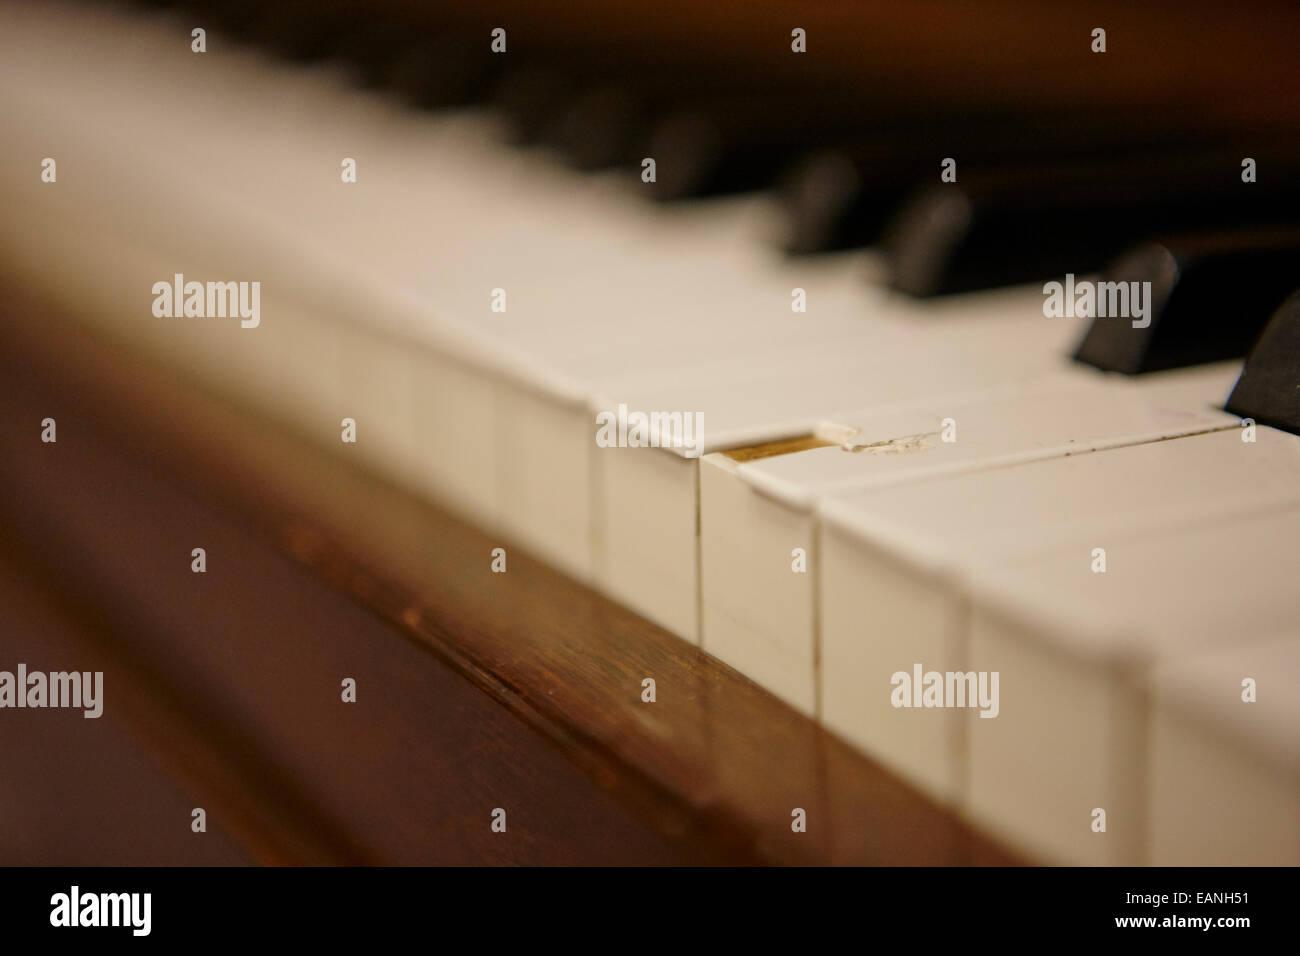 abgebrochene Schlüssel auf einem Stutzflügel Klavier in ein Musik-Übungsraum Stockfoto